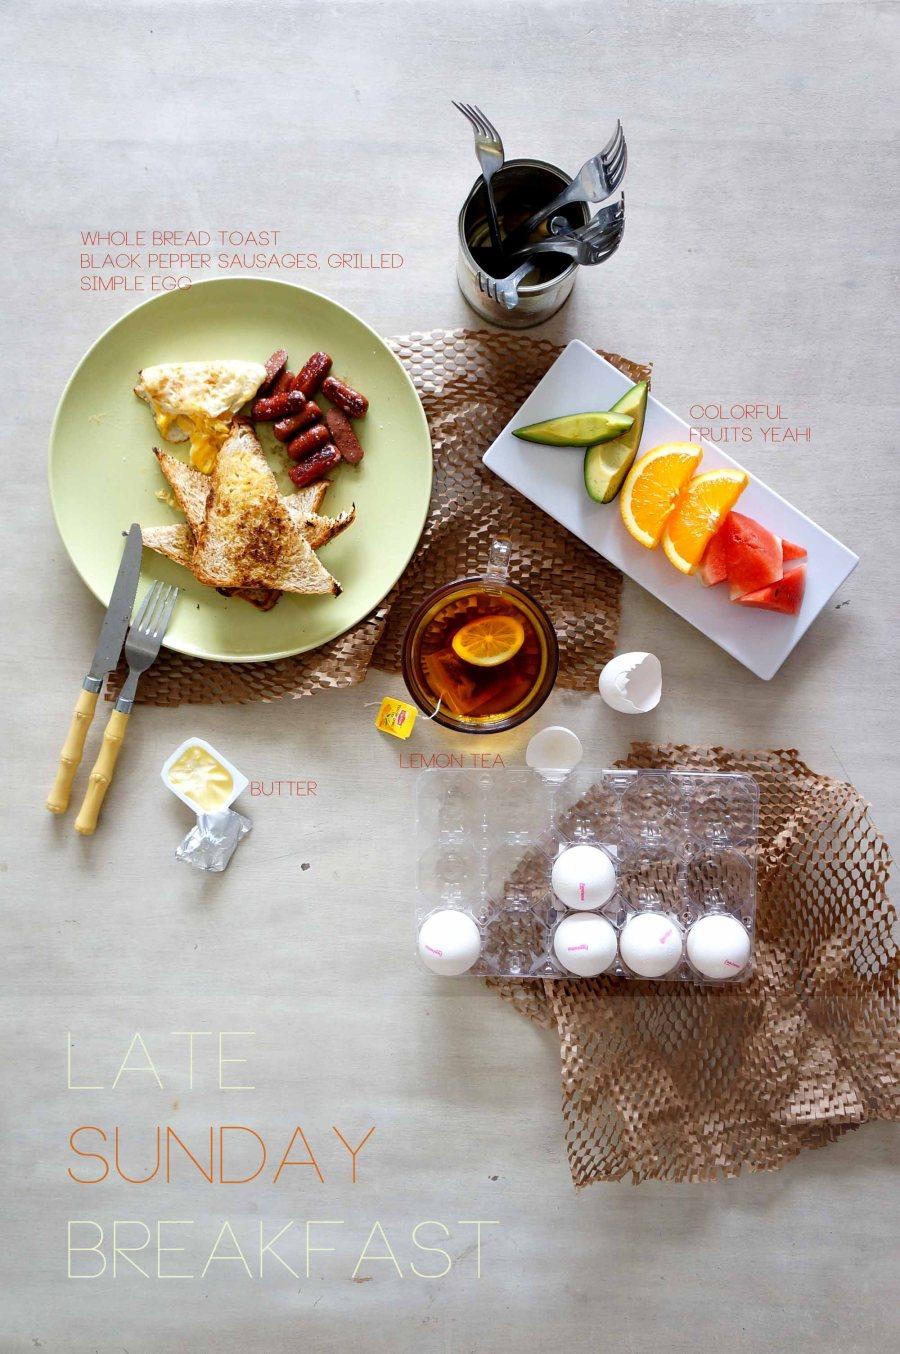 Late Sunday Breakfast